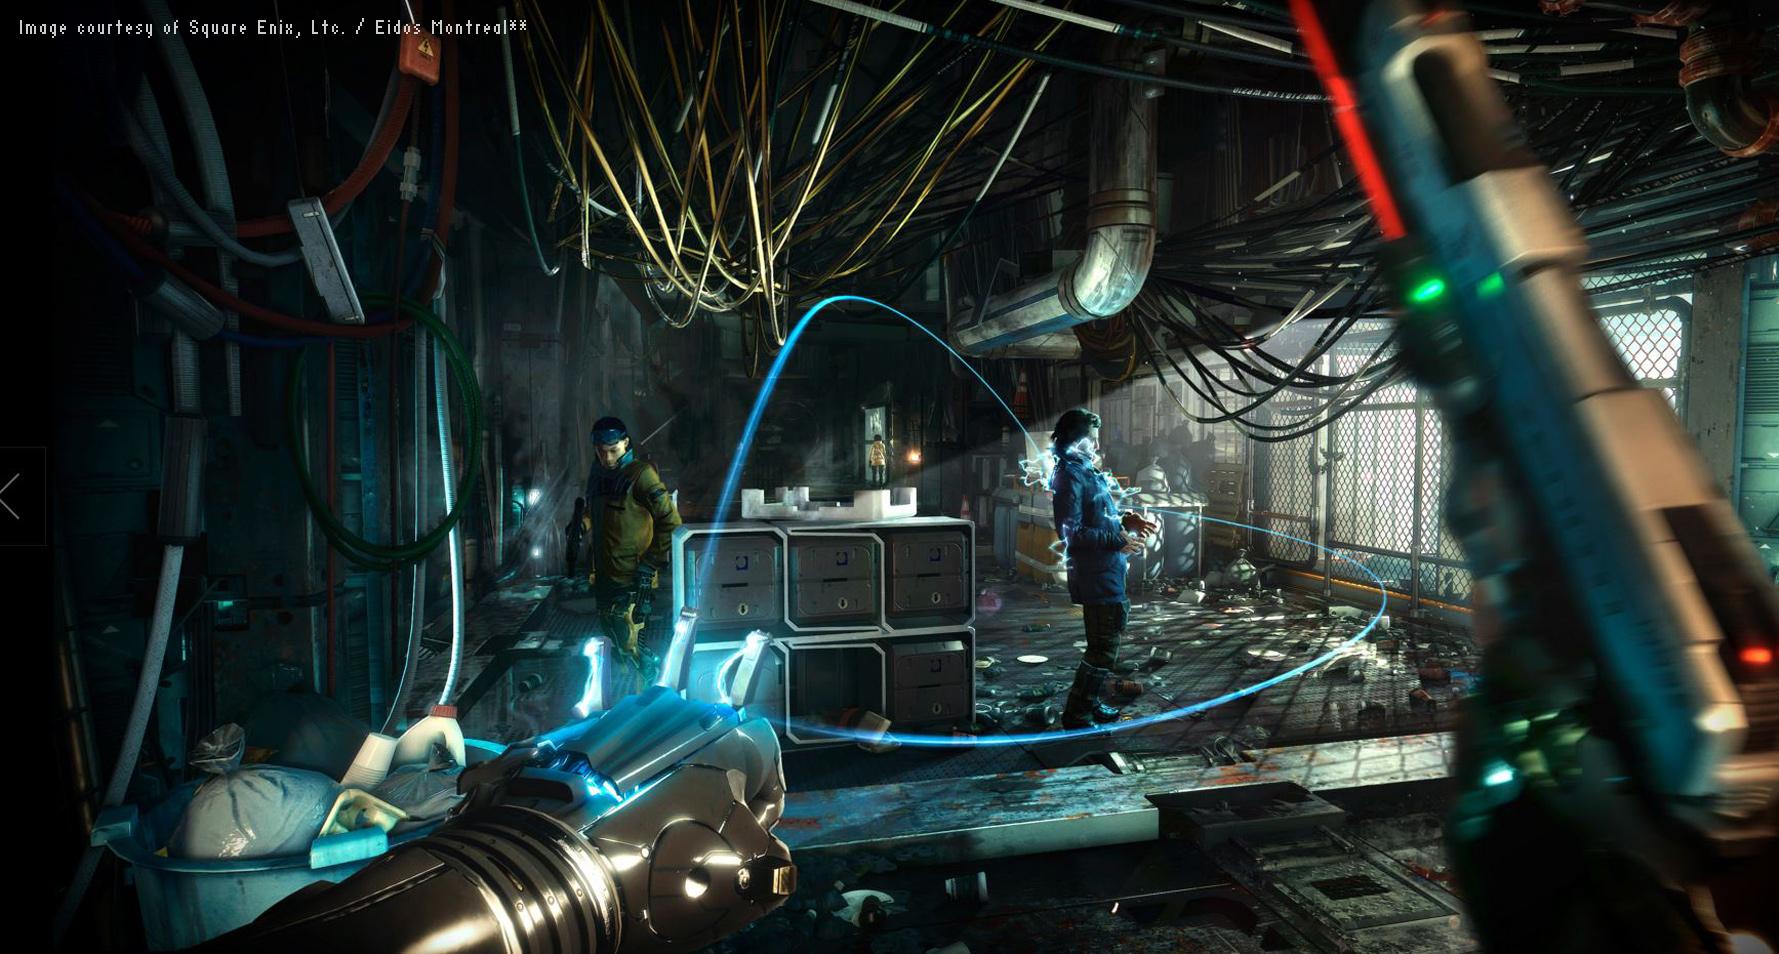 Scena z gry Deus Ex wyrenderowana w programie 3ds max